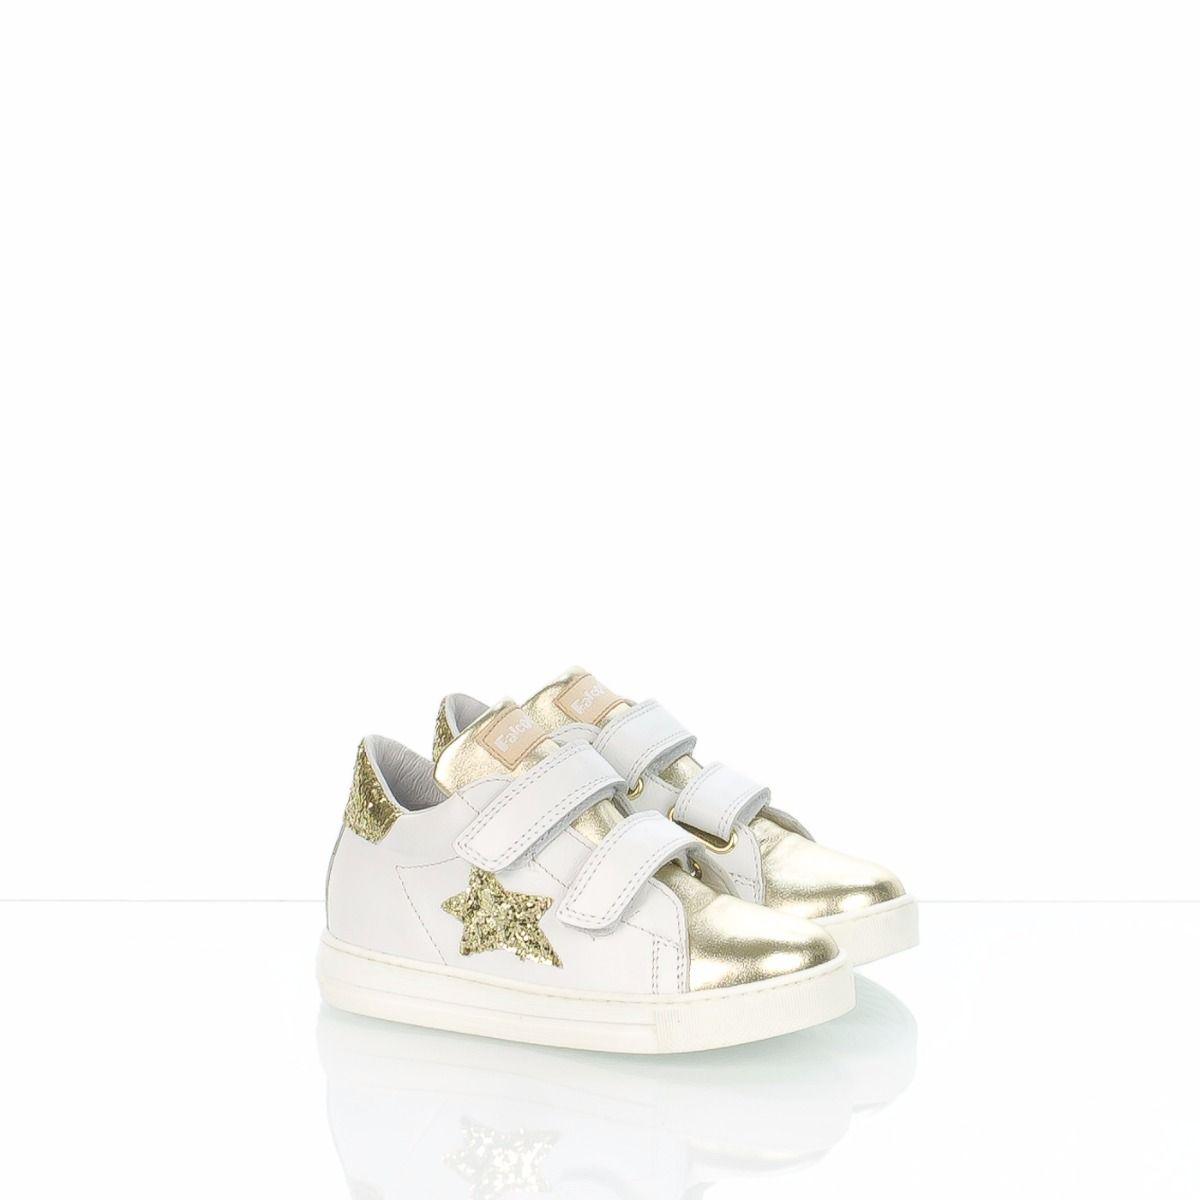 low priced 4d5fa 6d2c2 FALCOTTO SIRIO|sneakers bambina|stella oro|Spedizione ...